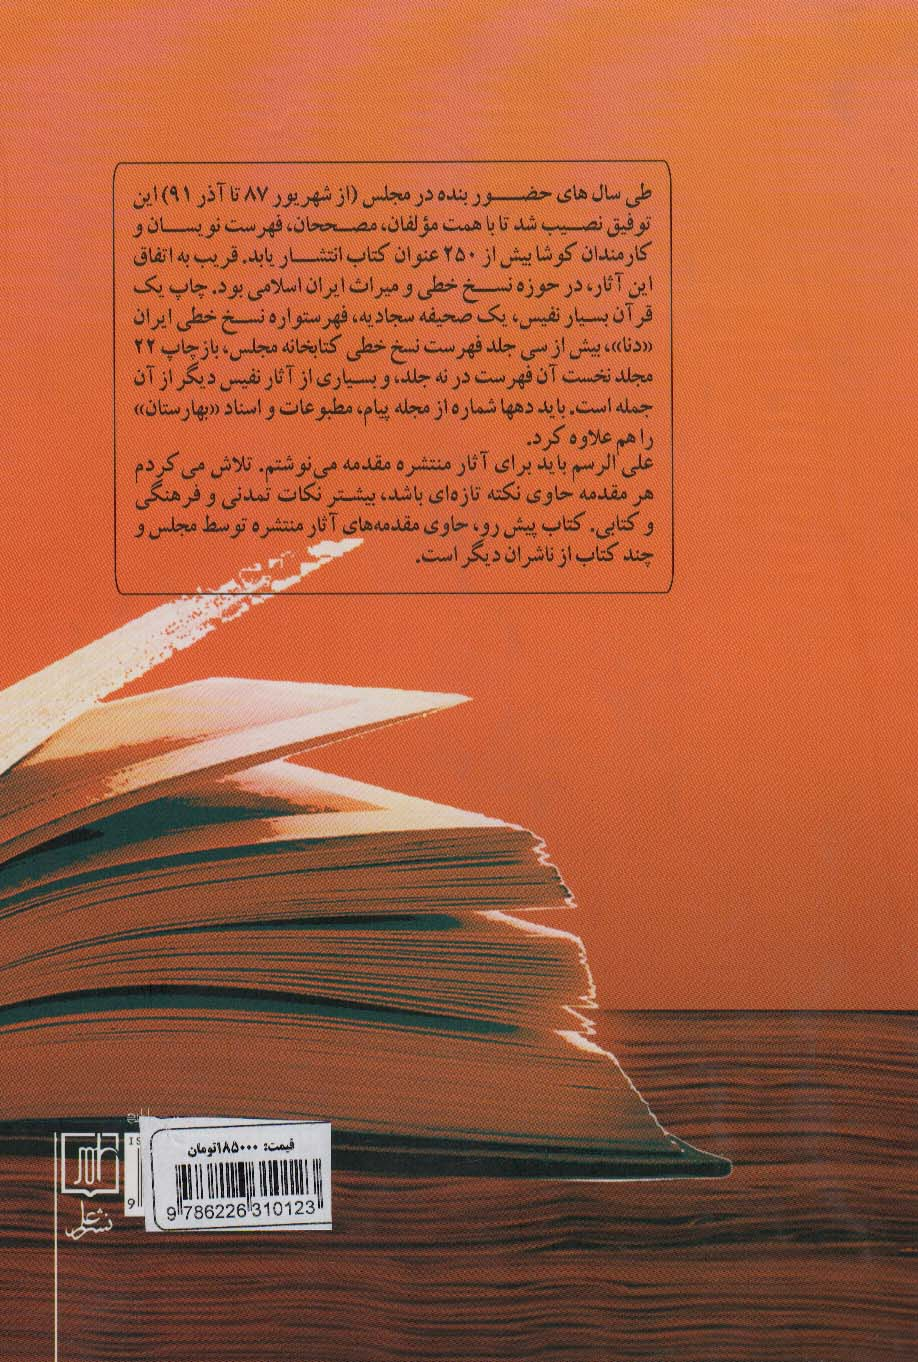 جامع المقدمات (277 مقدمه برای کتاب های منتشره توسط کتابخانه مجلس شورای اسلامی)